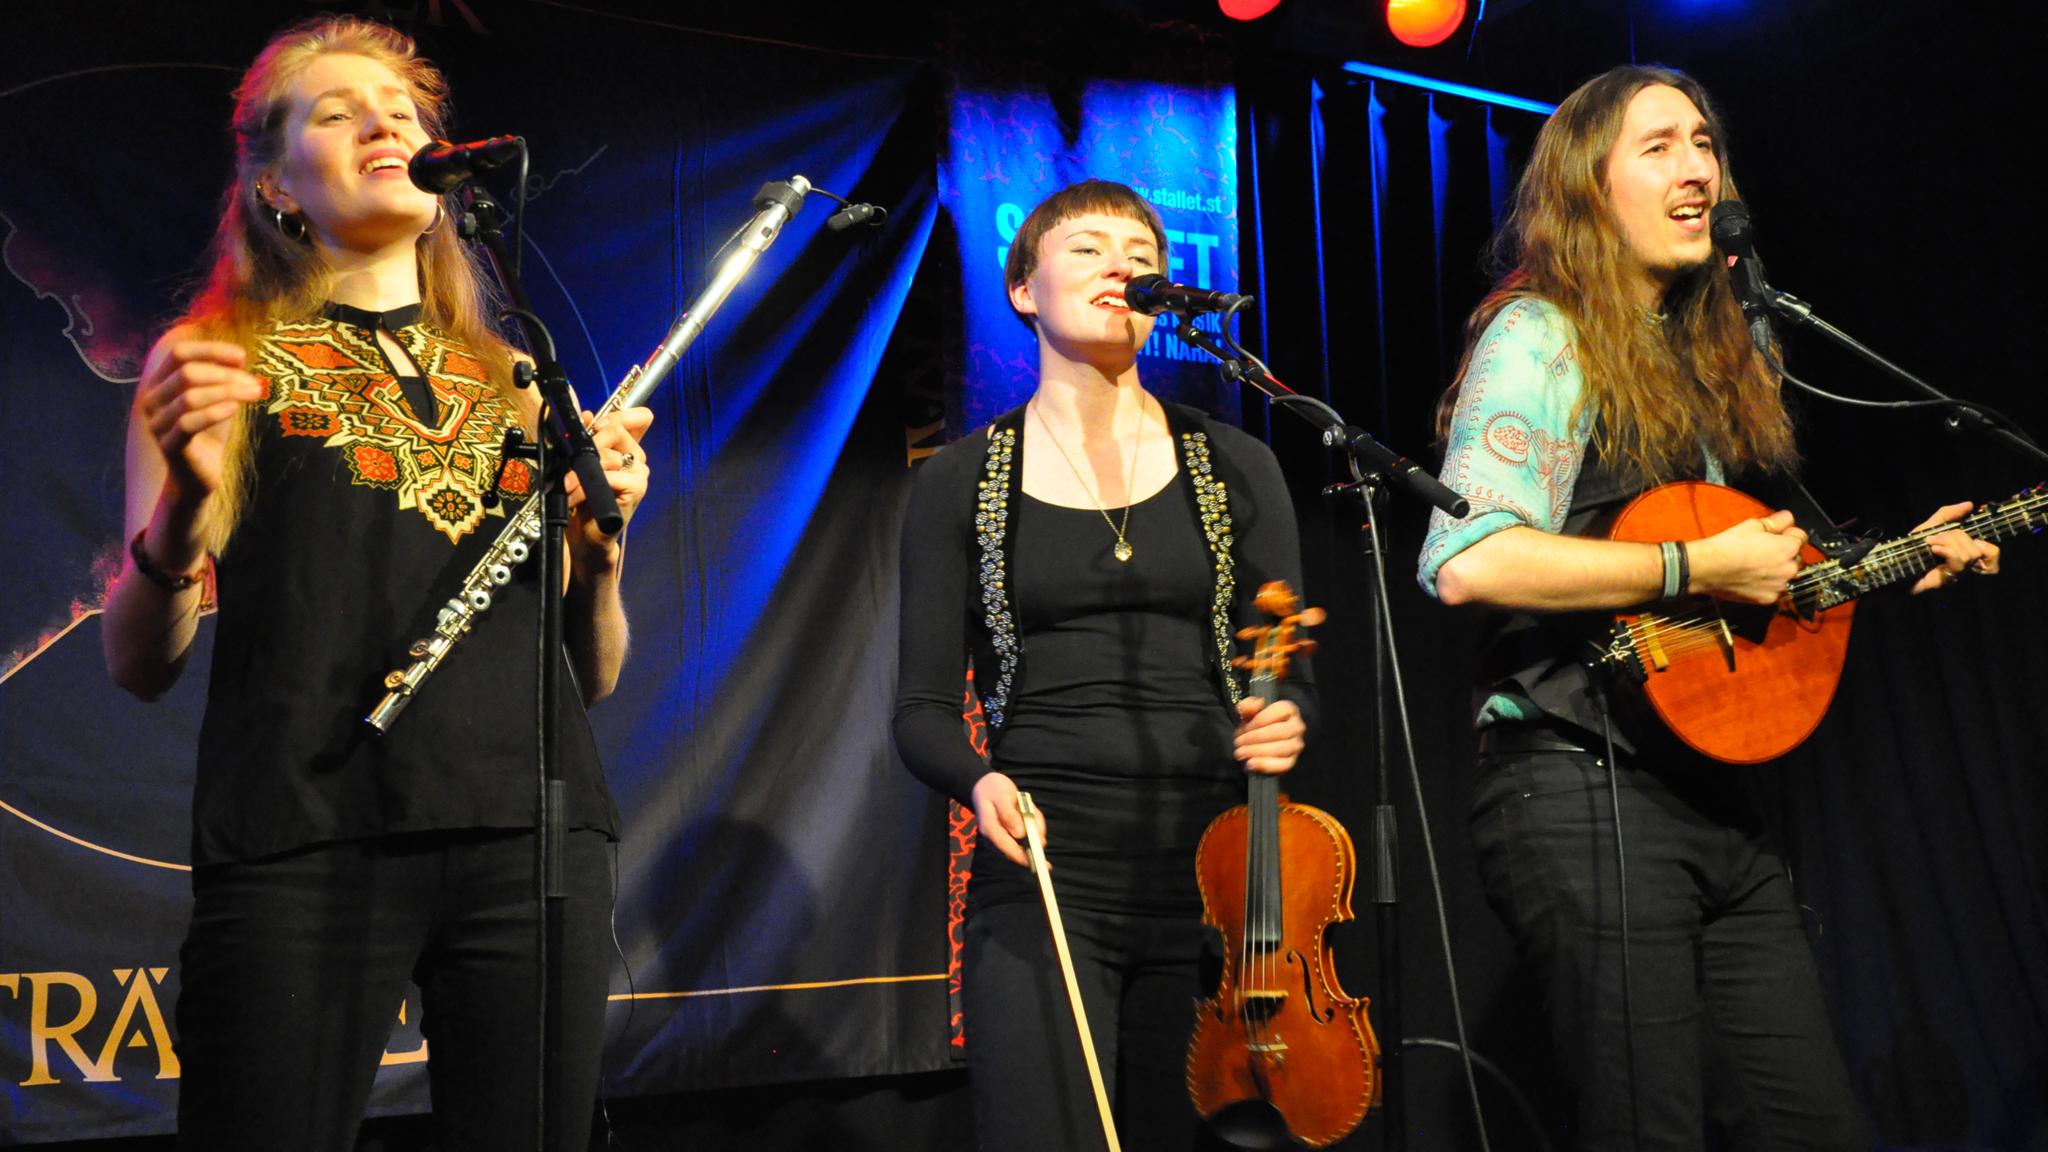 KONSERT: Fränder – hårdrockarna som blev folkmusiker